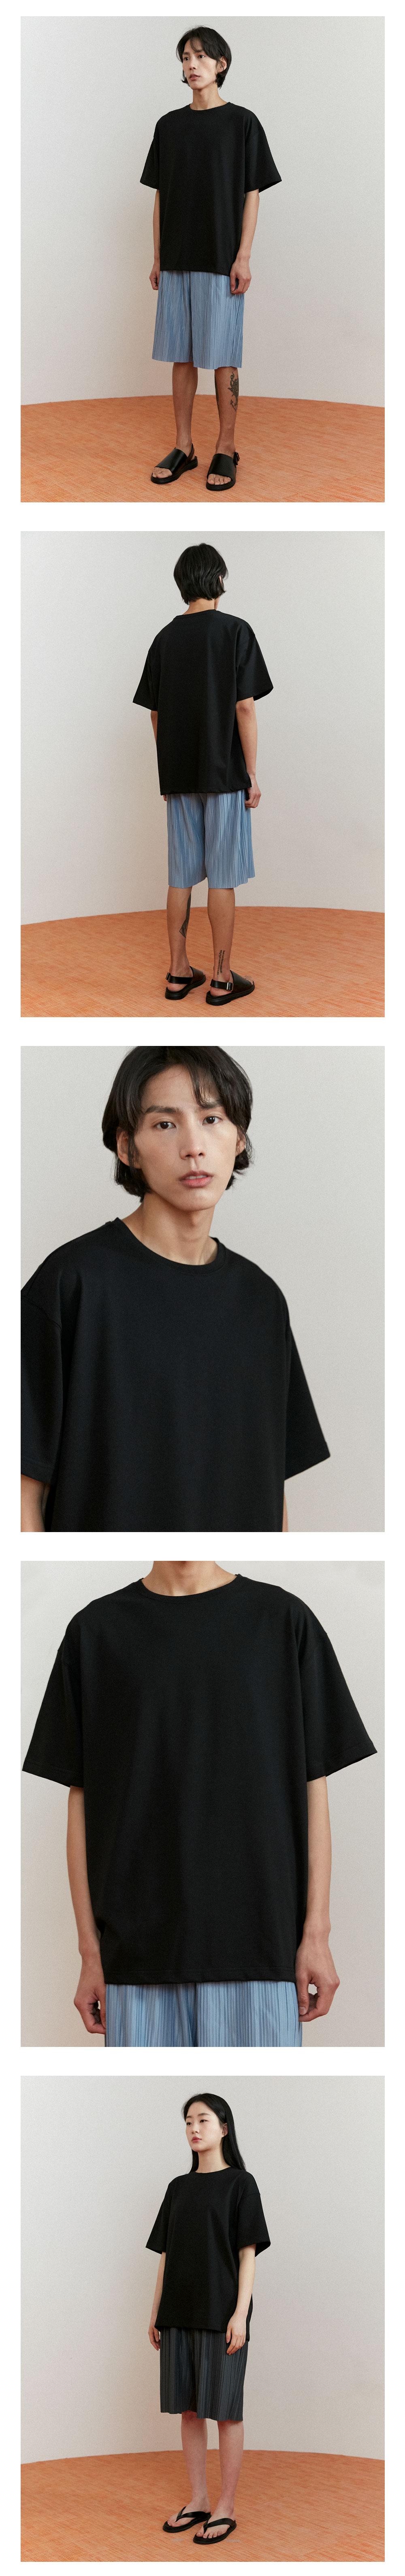 에노우(ENOU) 오버사이즈 티셔츠_블랙(EN2AMMT500A)